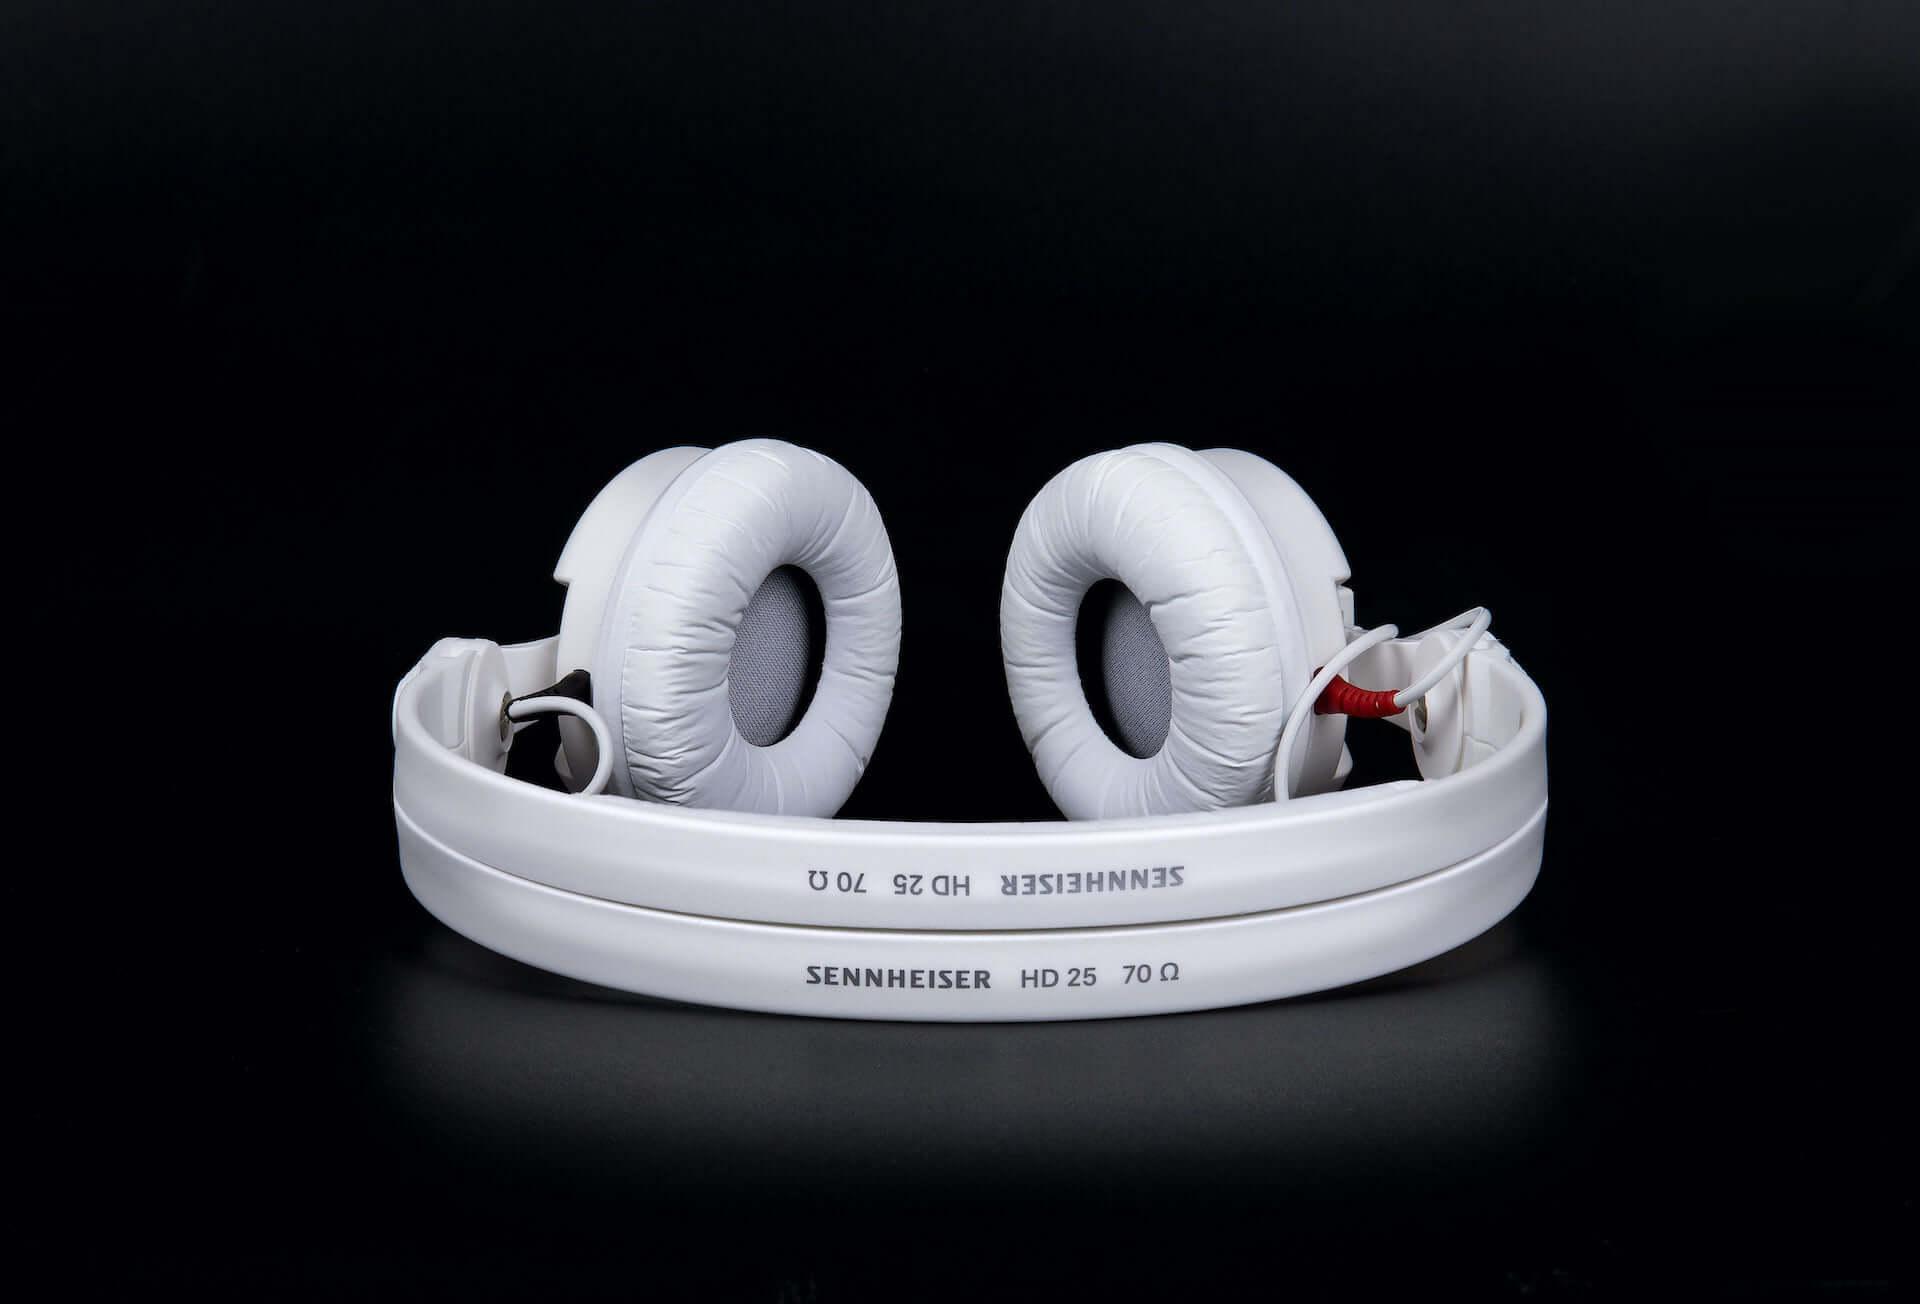 ゼンハイザーのモニターヘッドホン『HD 25』が待望のホワイトカラーに!スペシャルモデルが数量限定で登場 tech200910_sennheiser-hd25_8-1920x1304